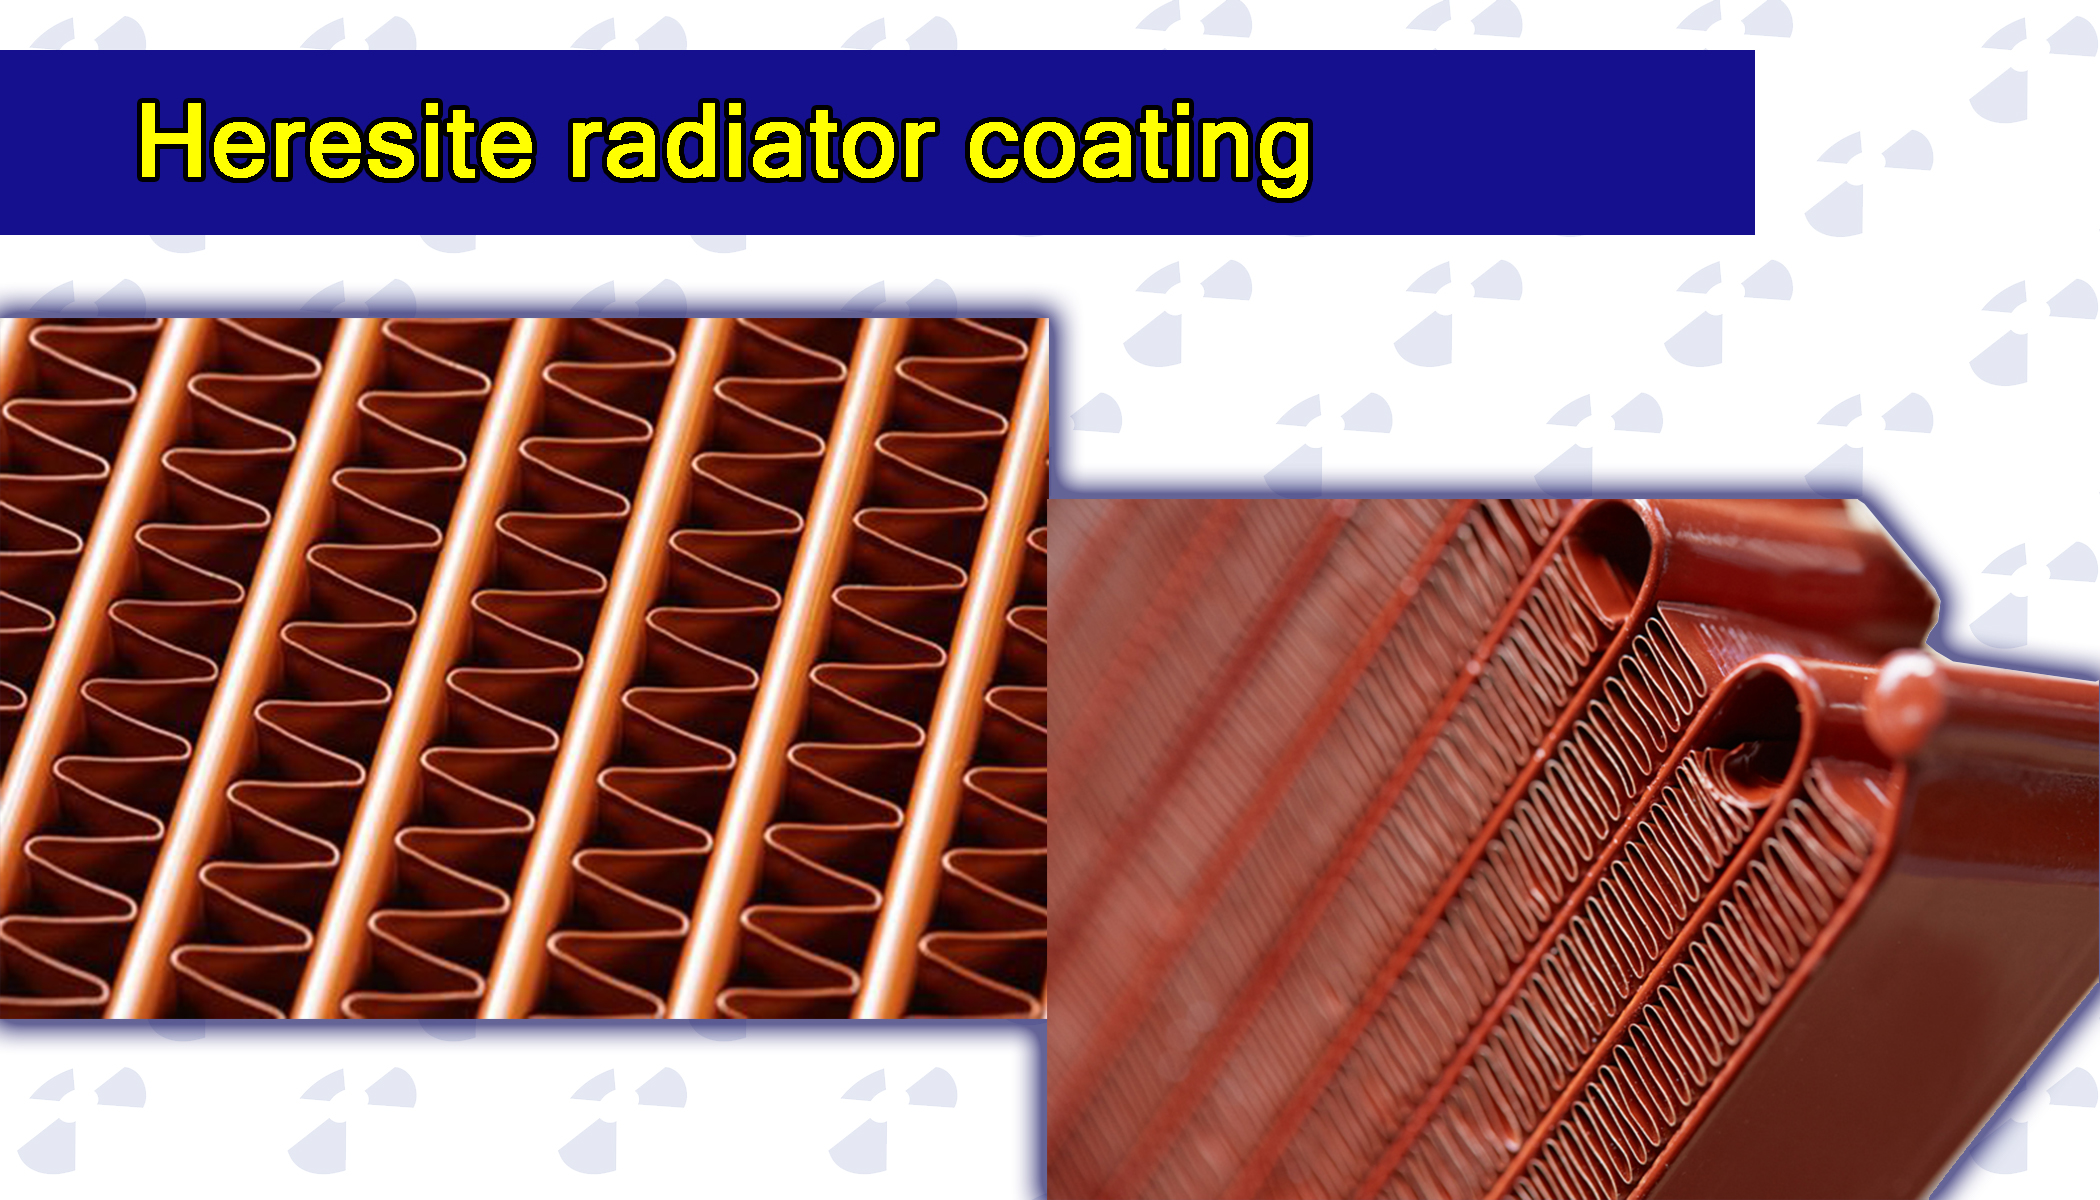 Heresite radiator coating